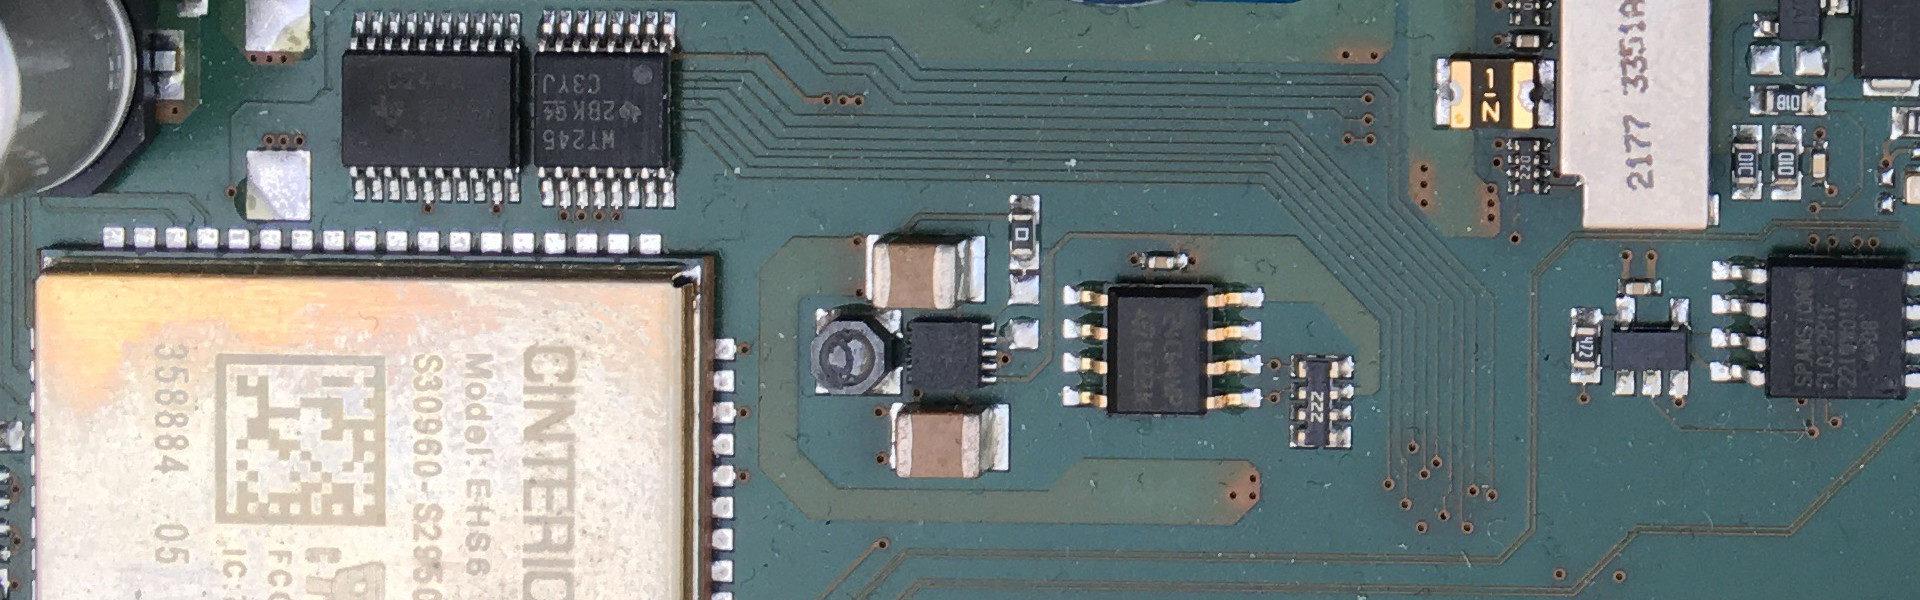 RFI Engineering